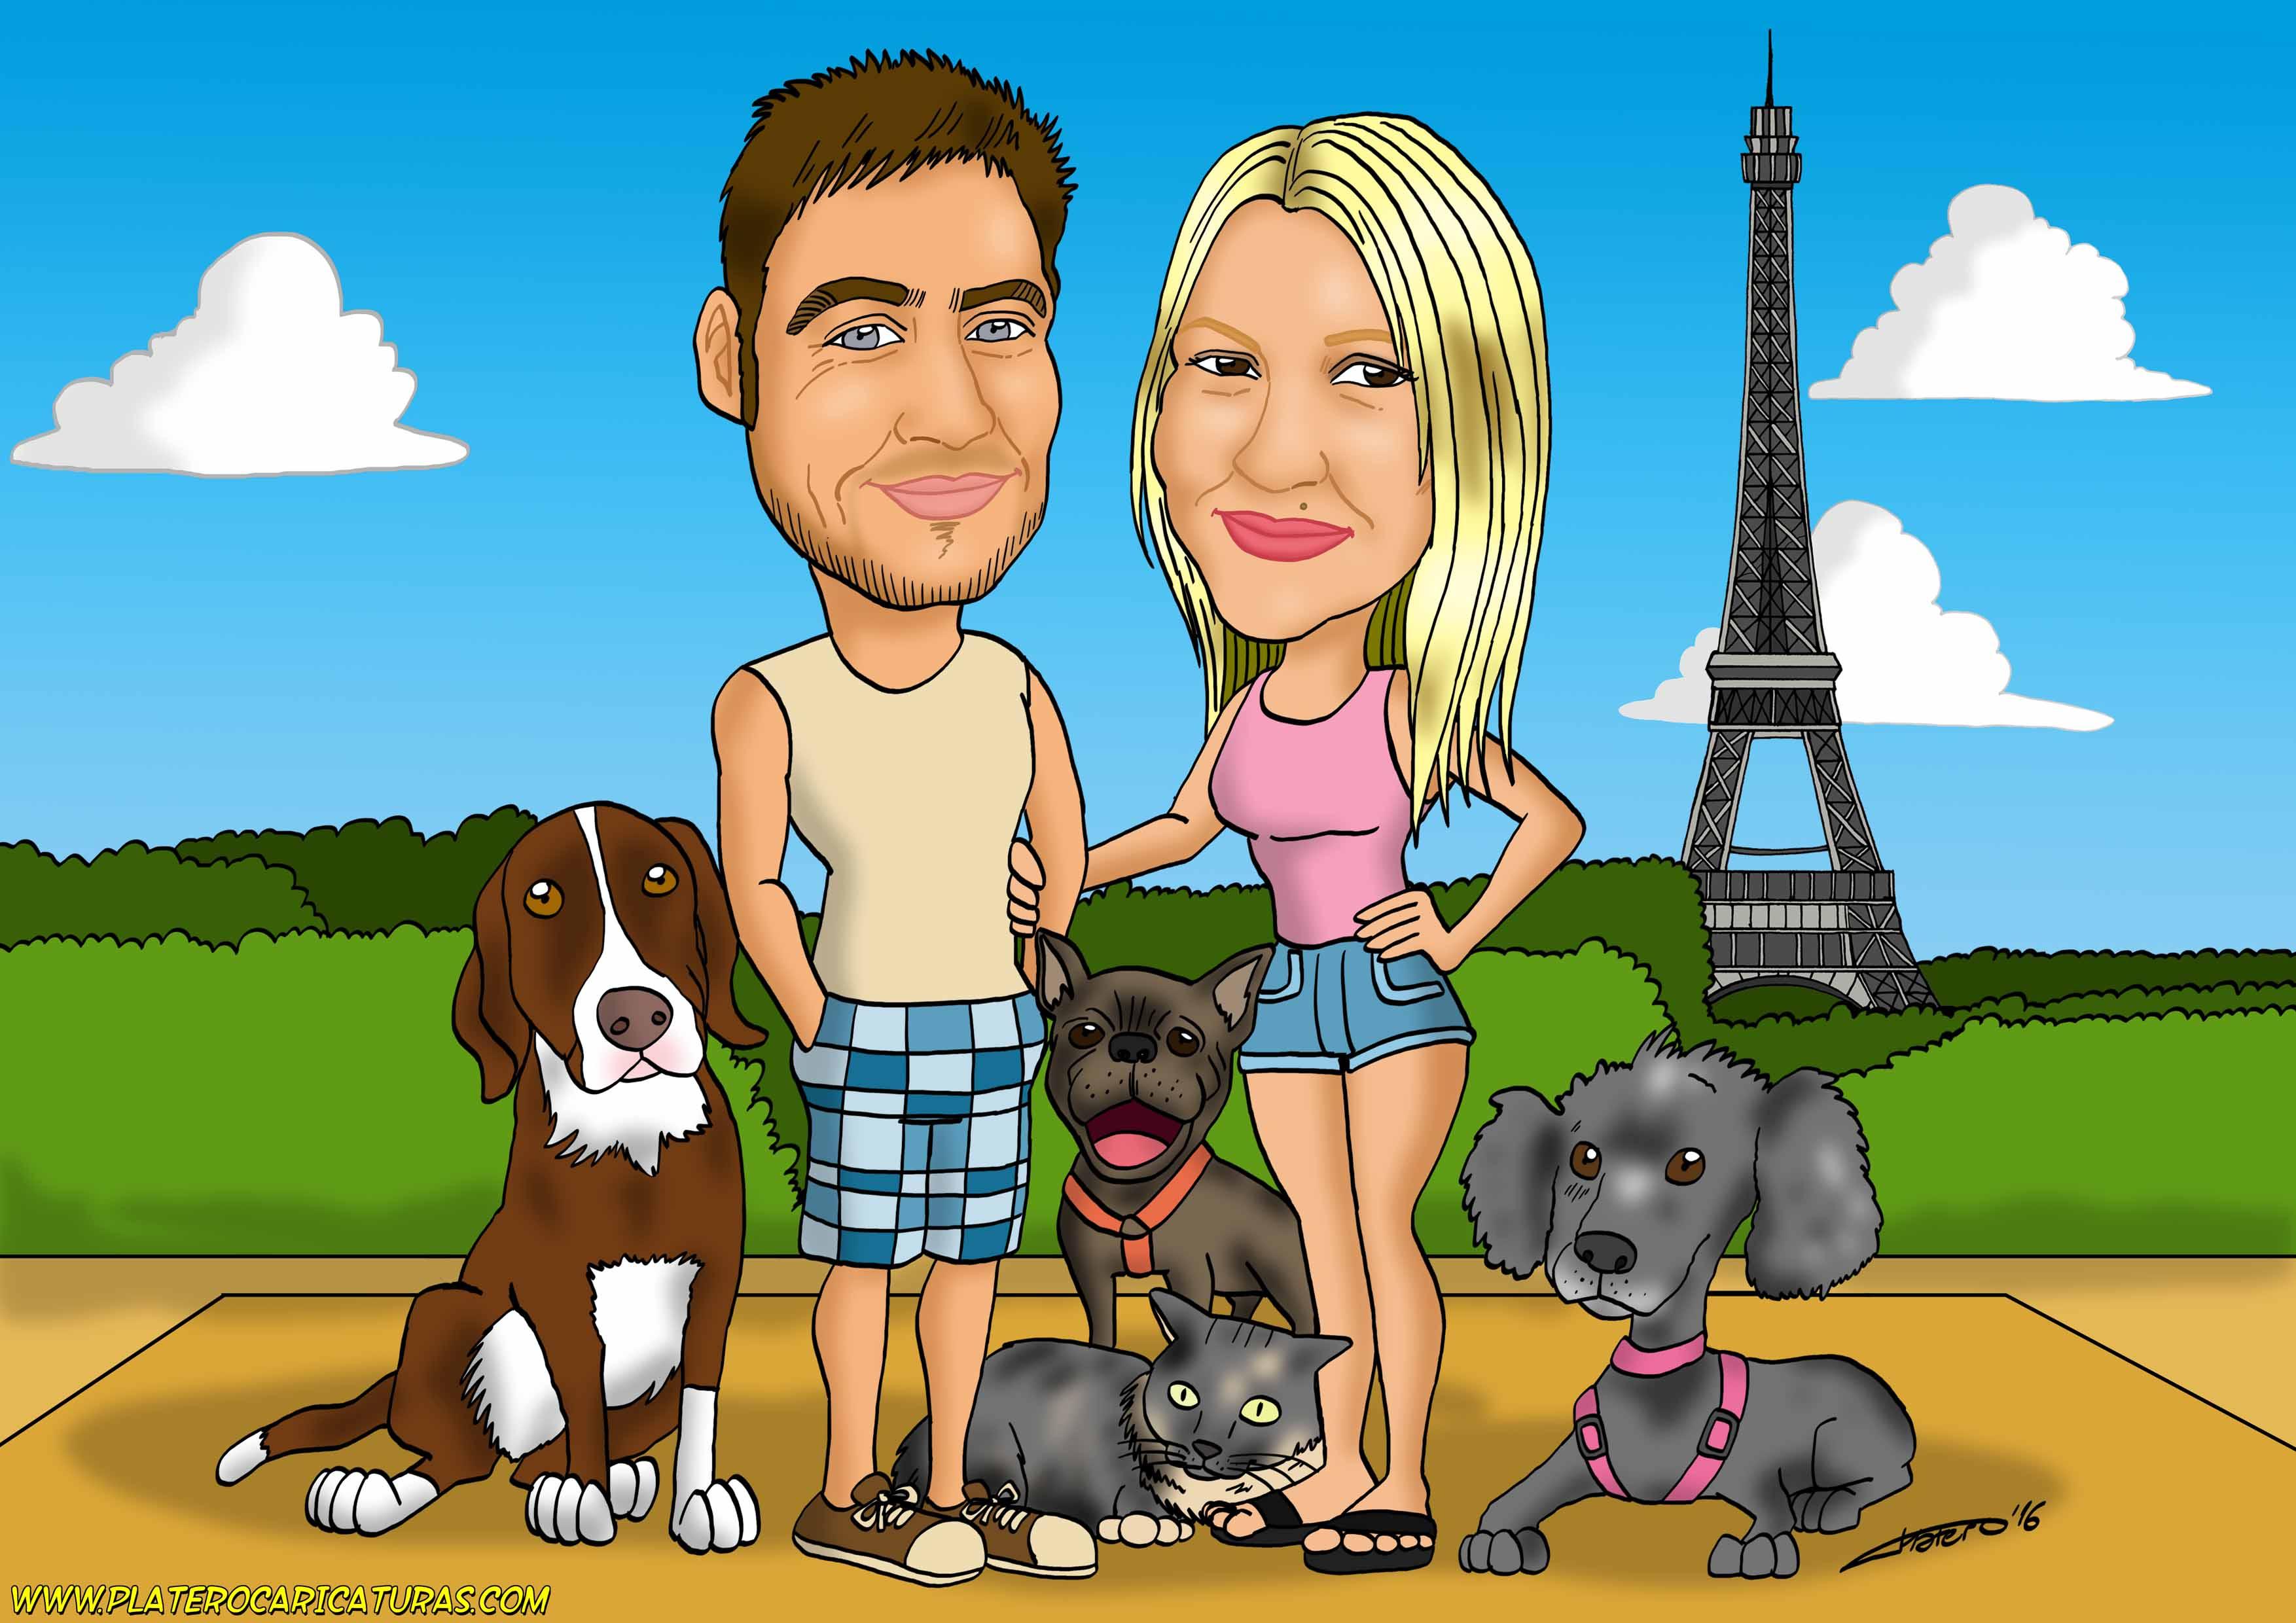 caricaturas_a_color_por_encargo_personalizadas_pareja_con_perros_y_gato_platerocaricaturas_elmundode